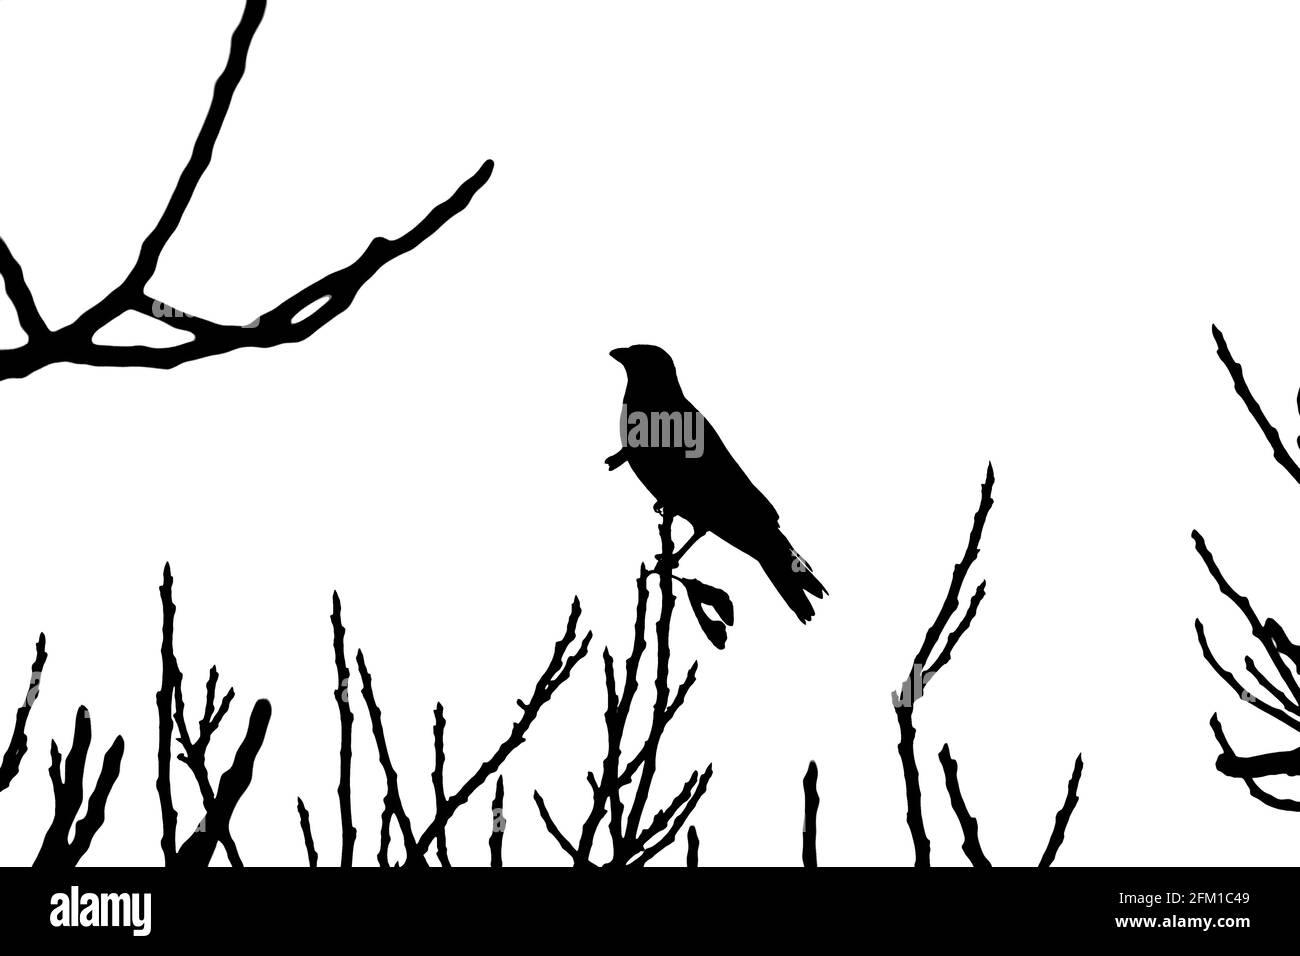 Aves encaramadas en un árbol, siluetas al atardecer fotografiadas en Sataf, Israel Foto de stock